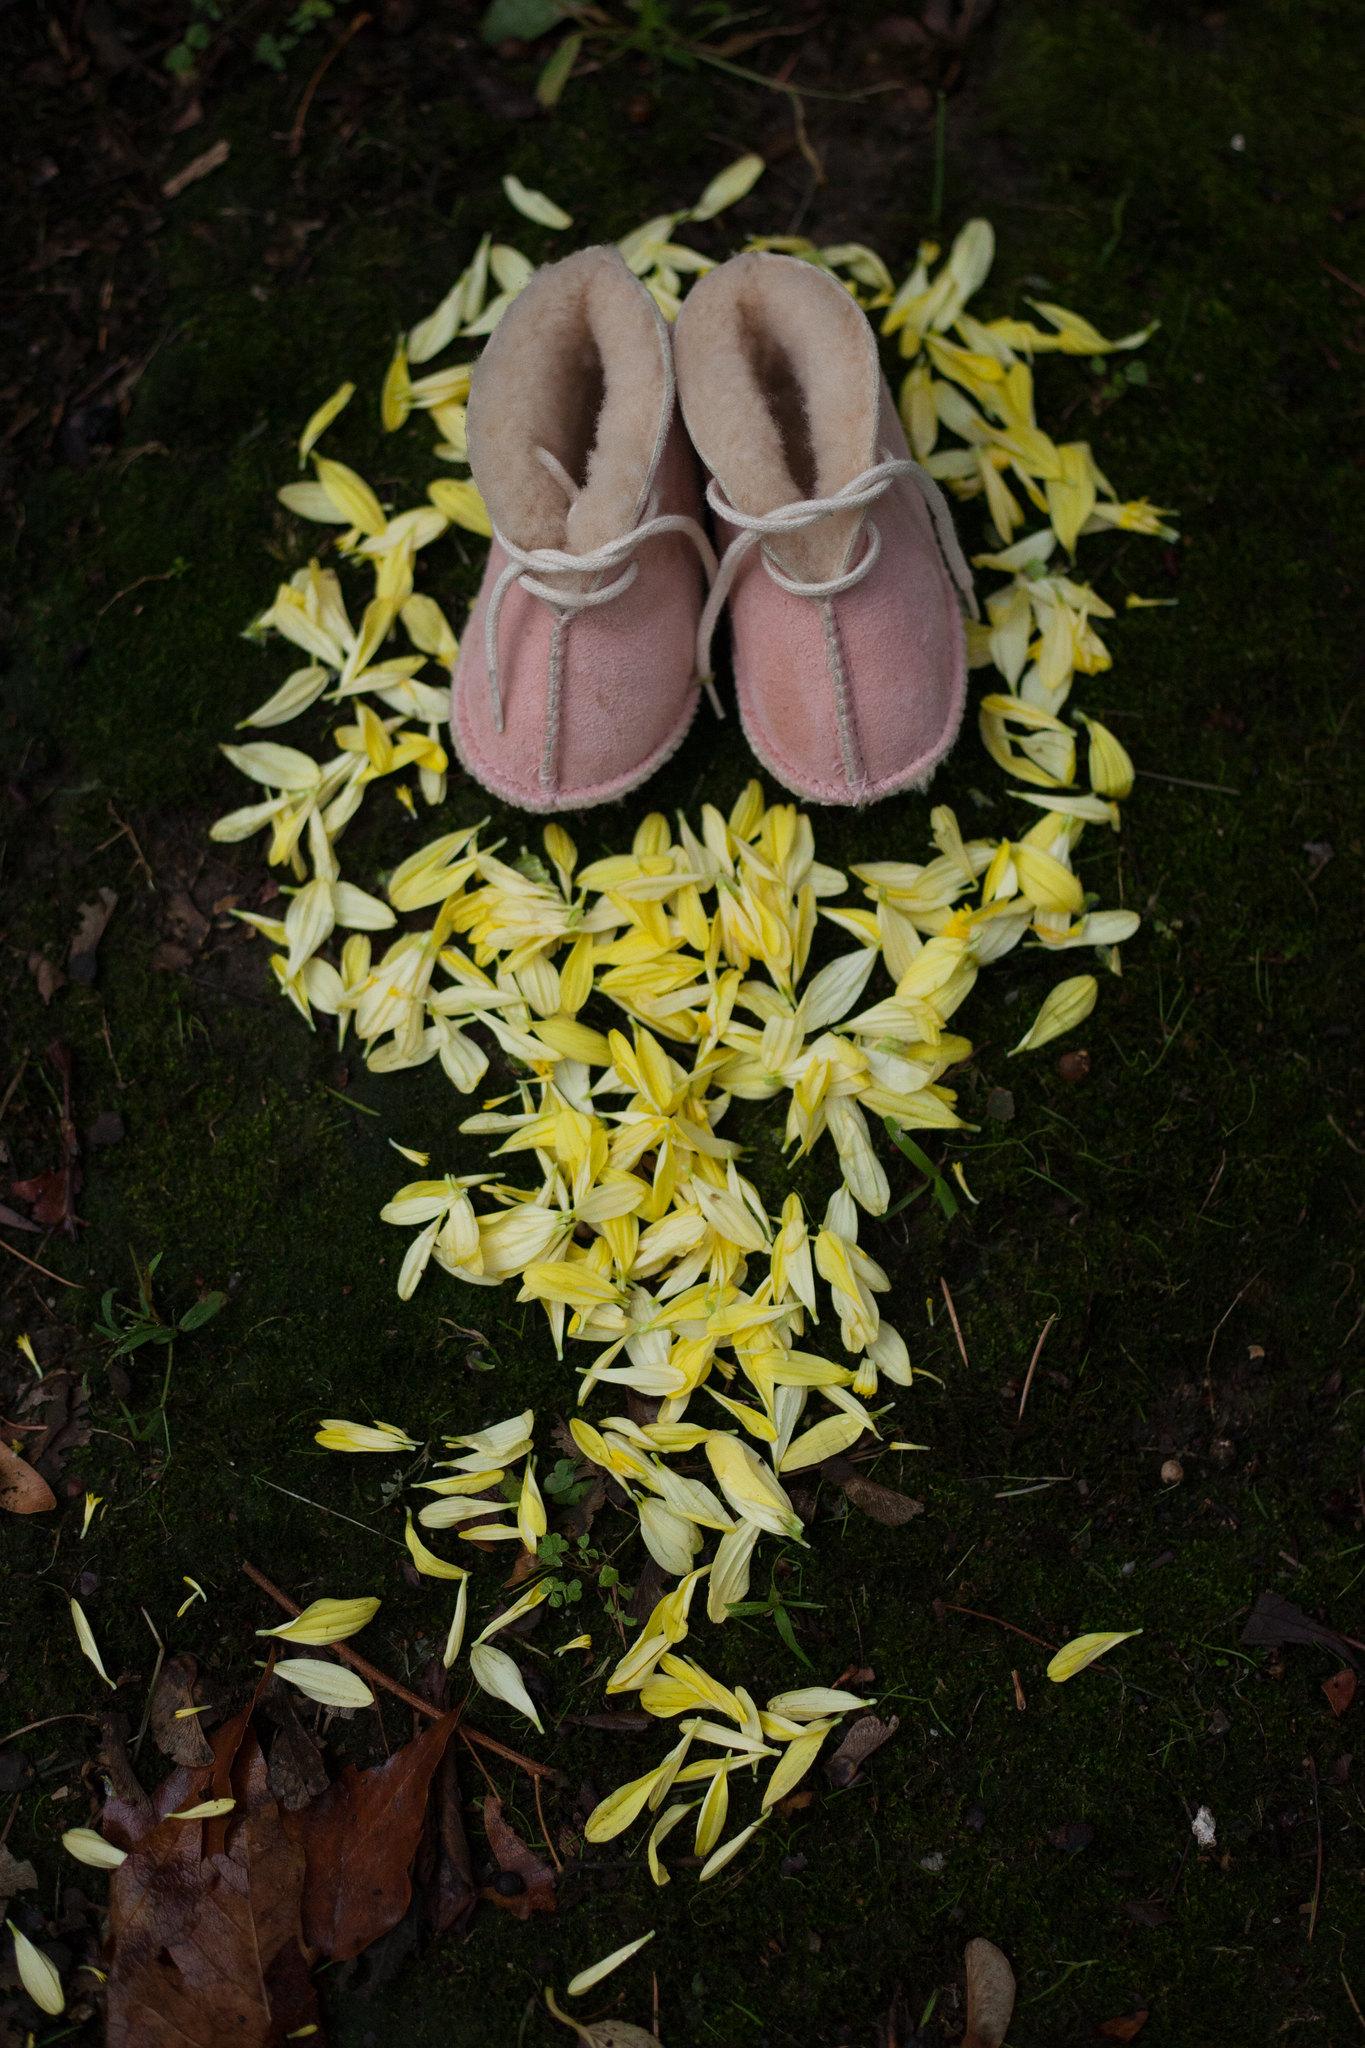 A path of petals.